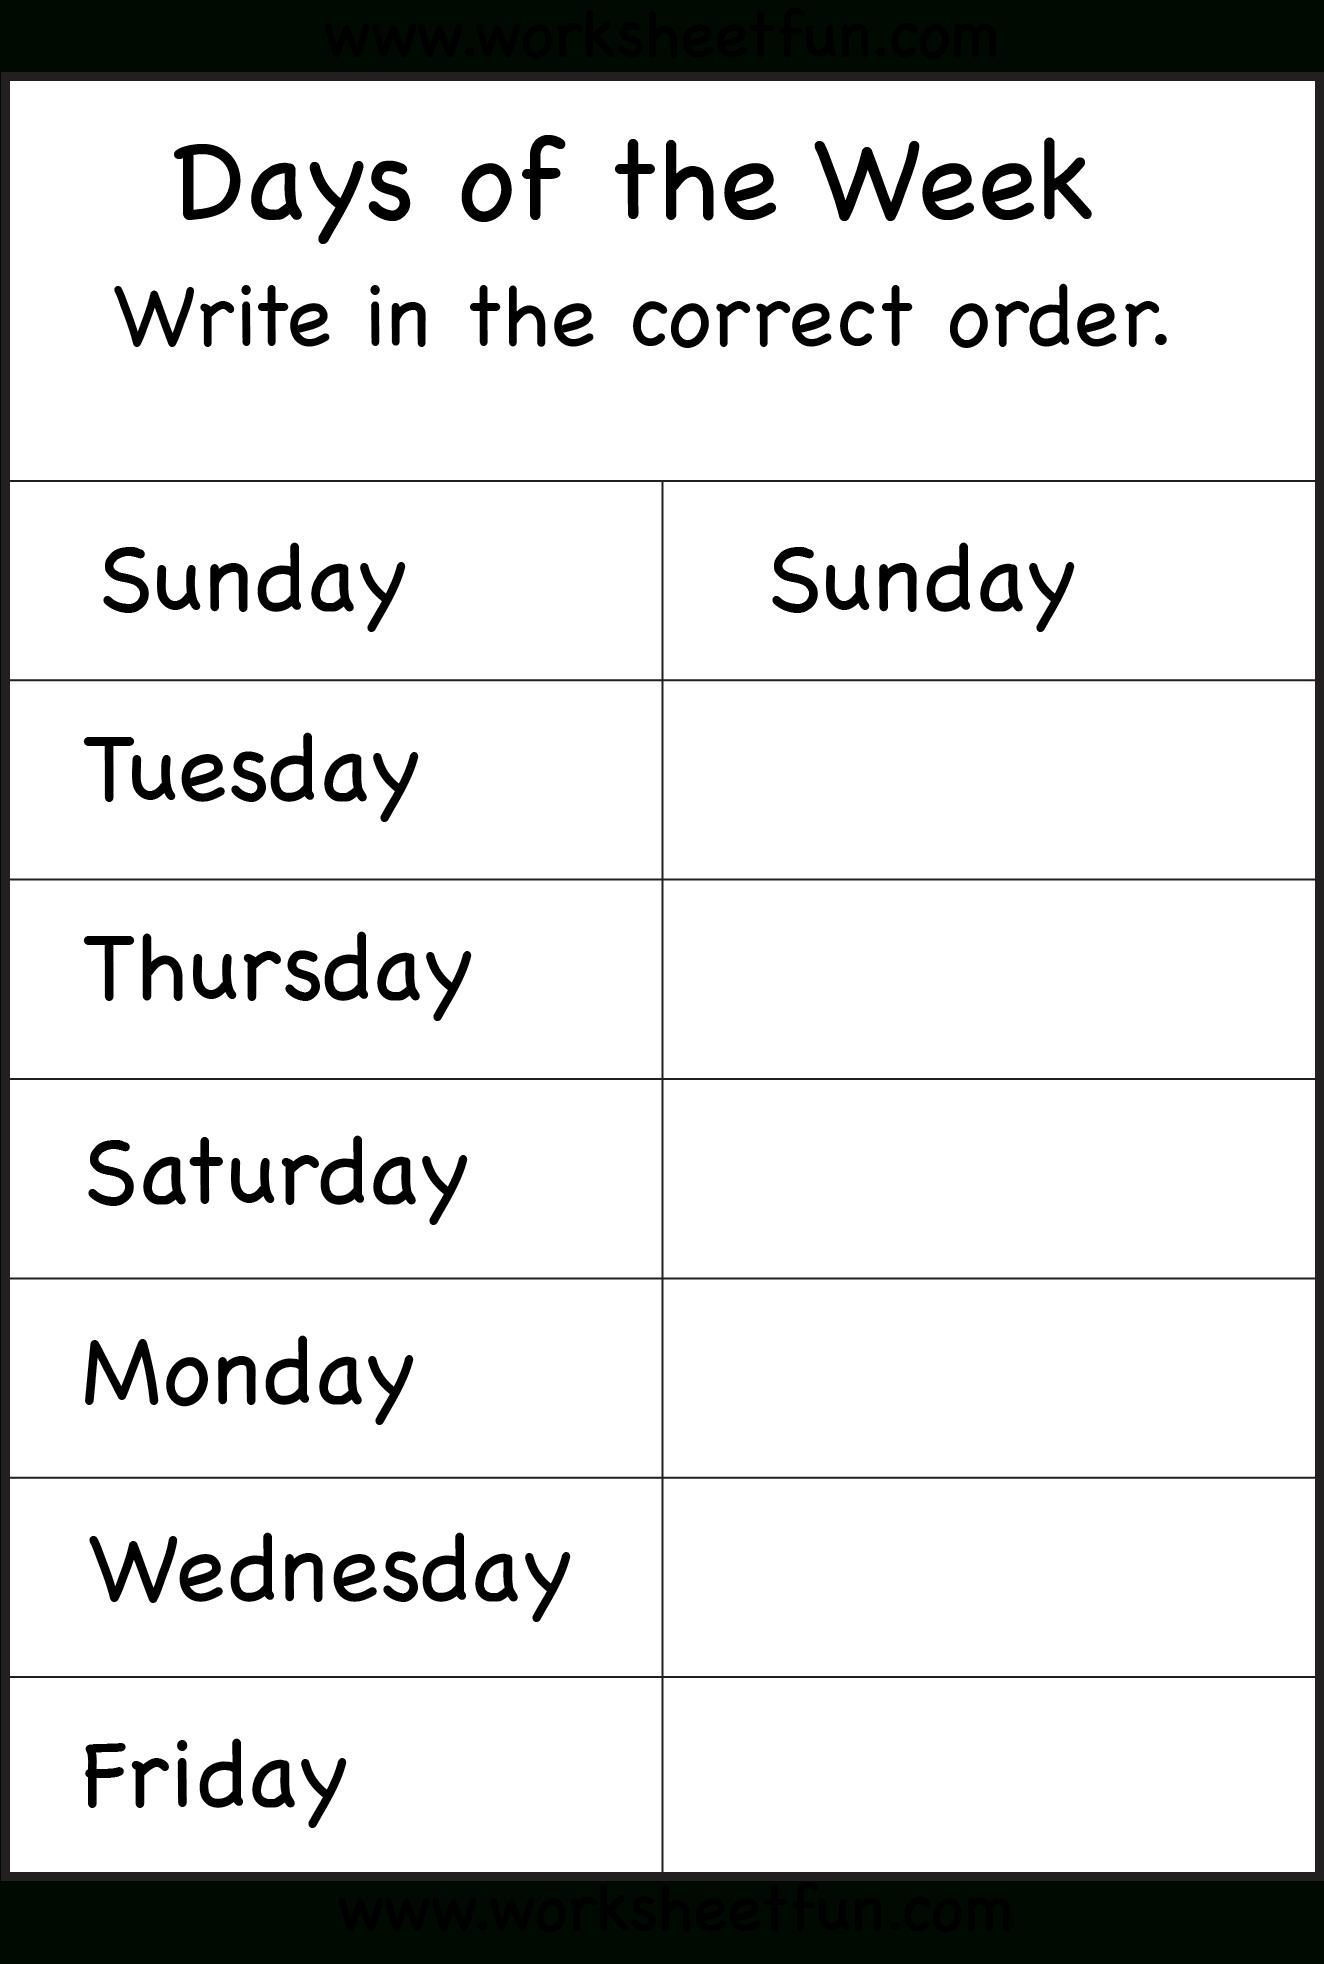 Days Of The Week Worksheet   Printable Worksheets   School   Days Of The Week Printable Worksheets